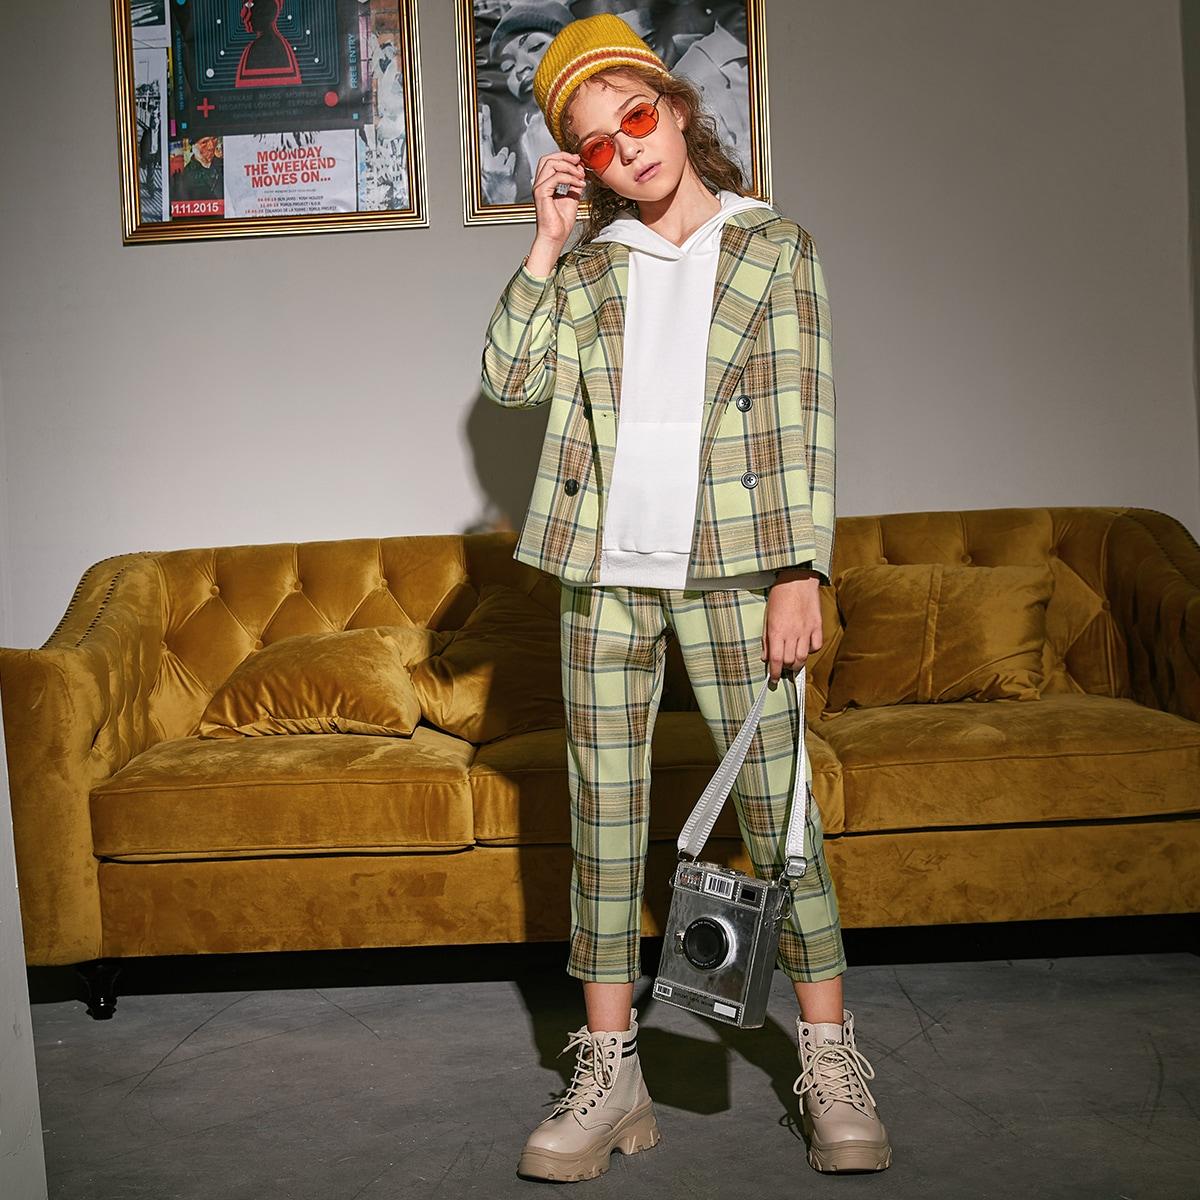 SHEIN / Zweireihiger Blazer mit Karo Muster & Hose Set